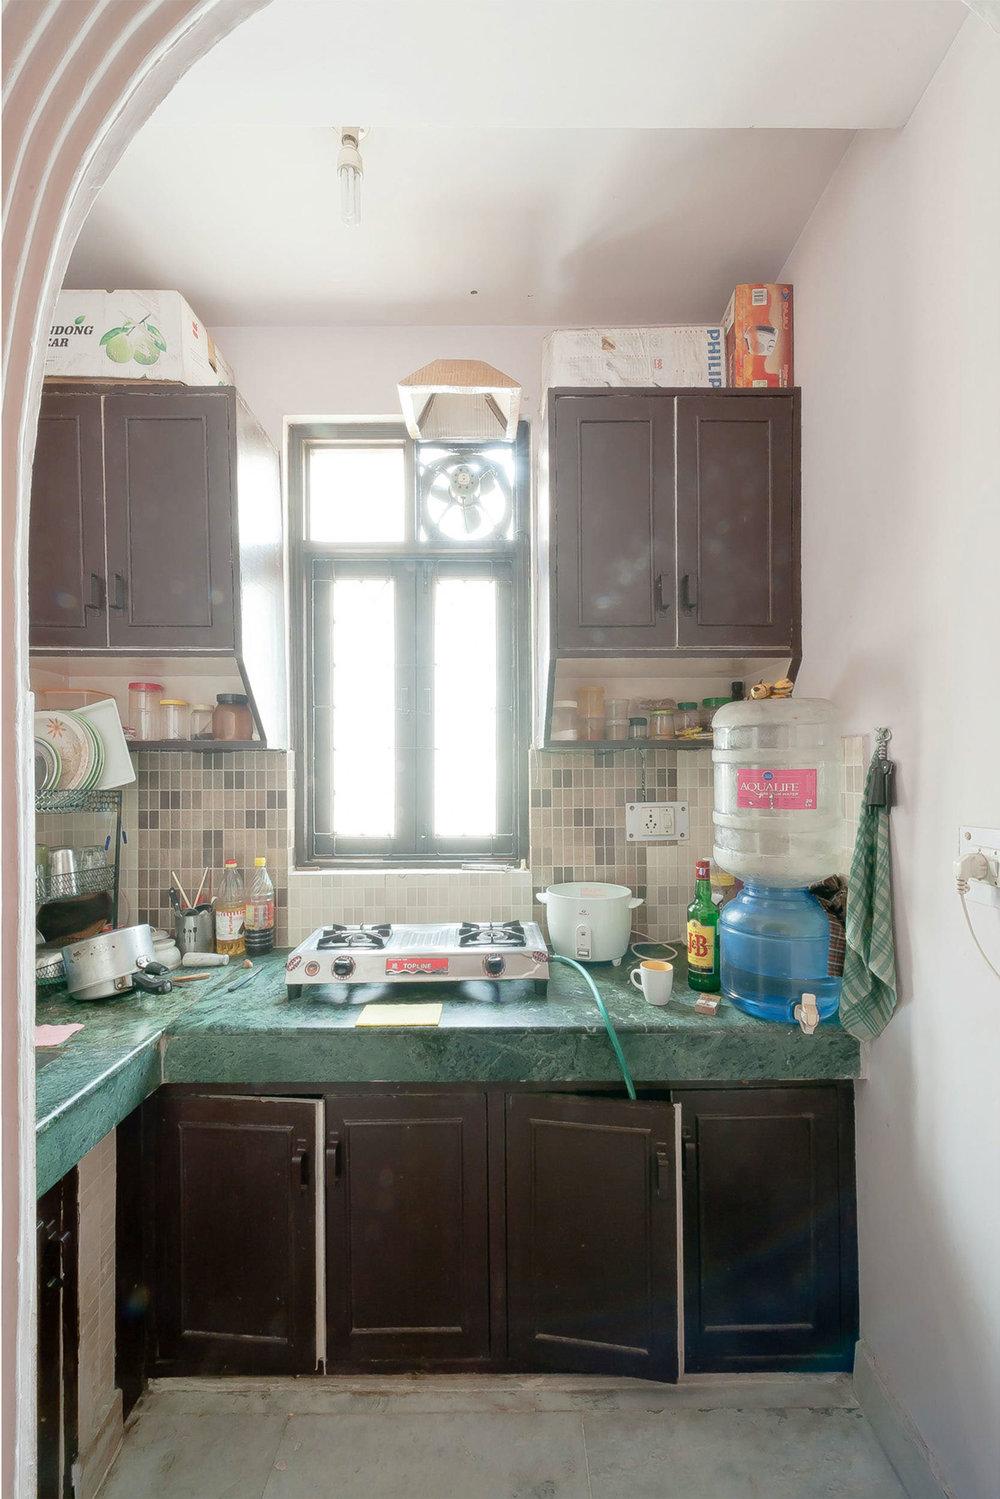 FUW_the-indian-middleclass-kitchen_01 robert